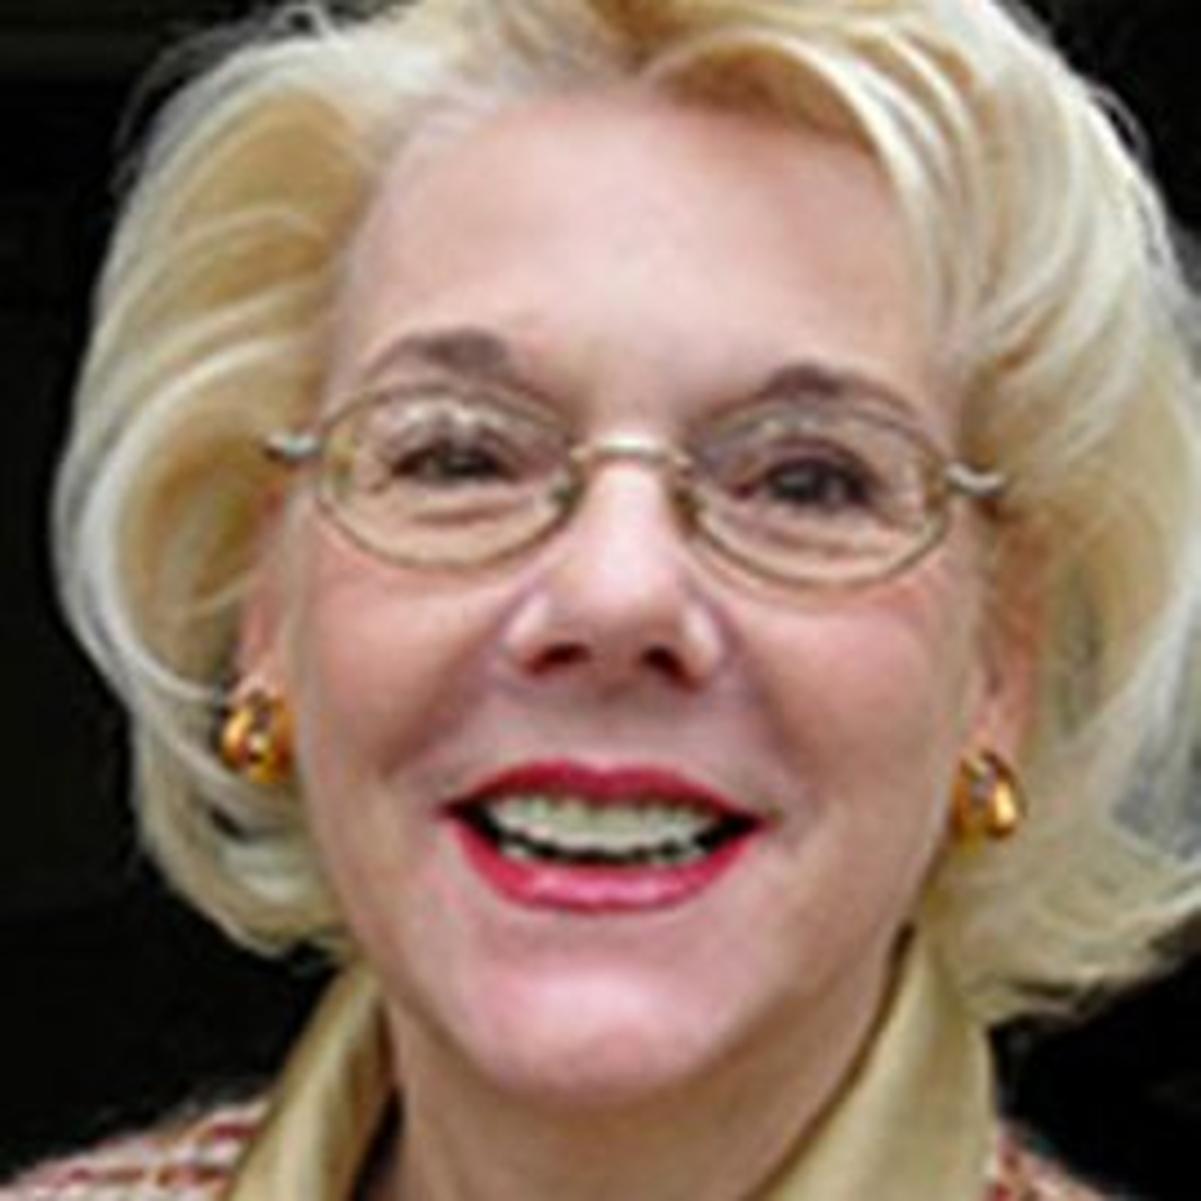 Sally Karioth